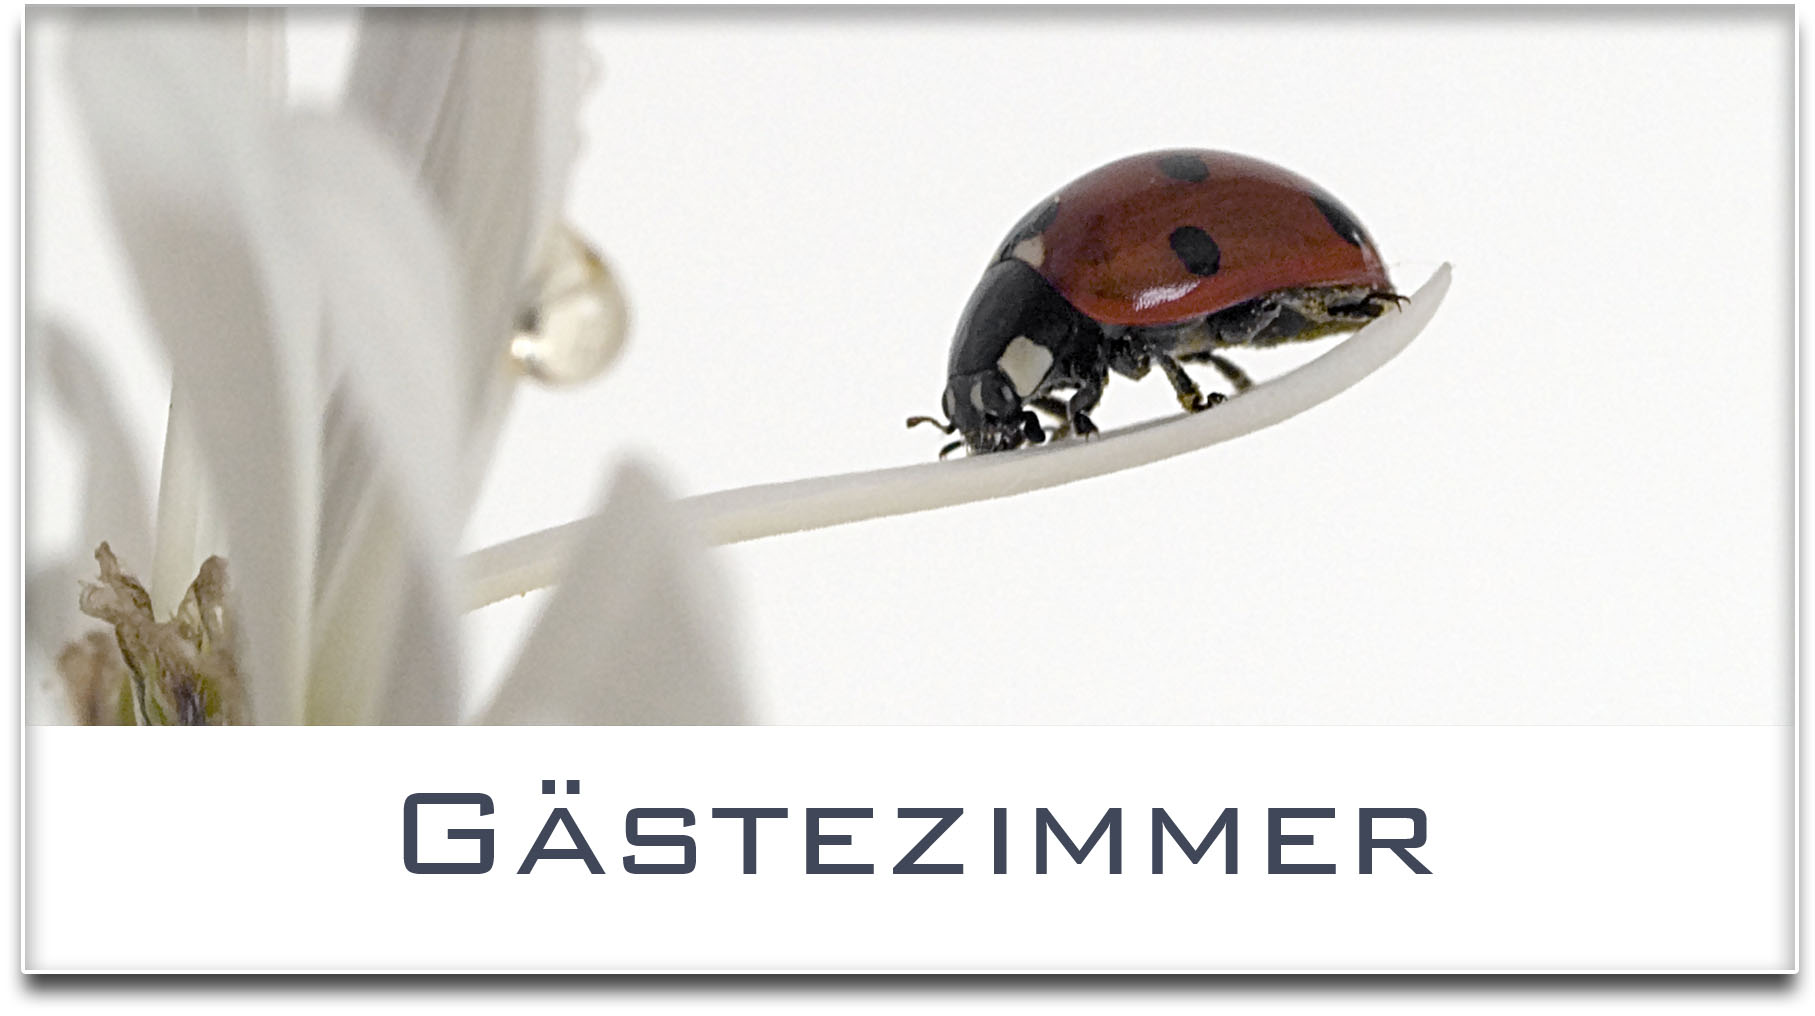 Türschild / Haustürschild / Marienkäfer / Gästezimmer / Selbstklebend